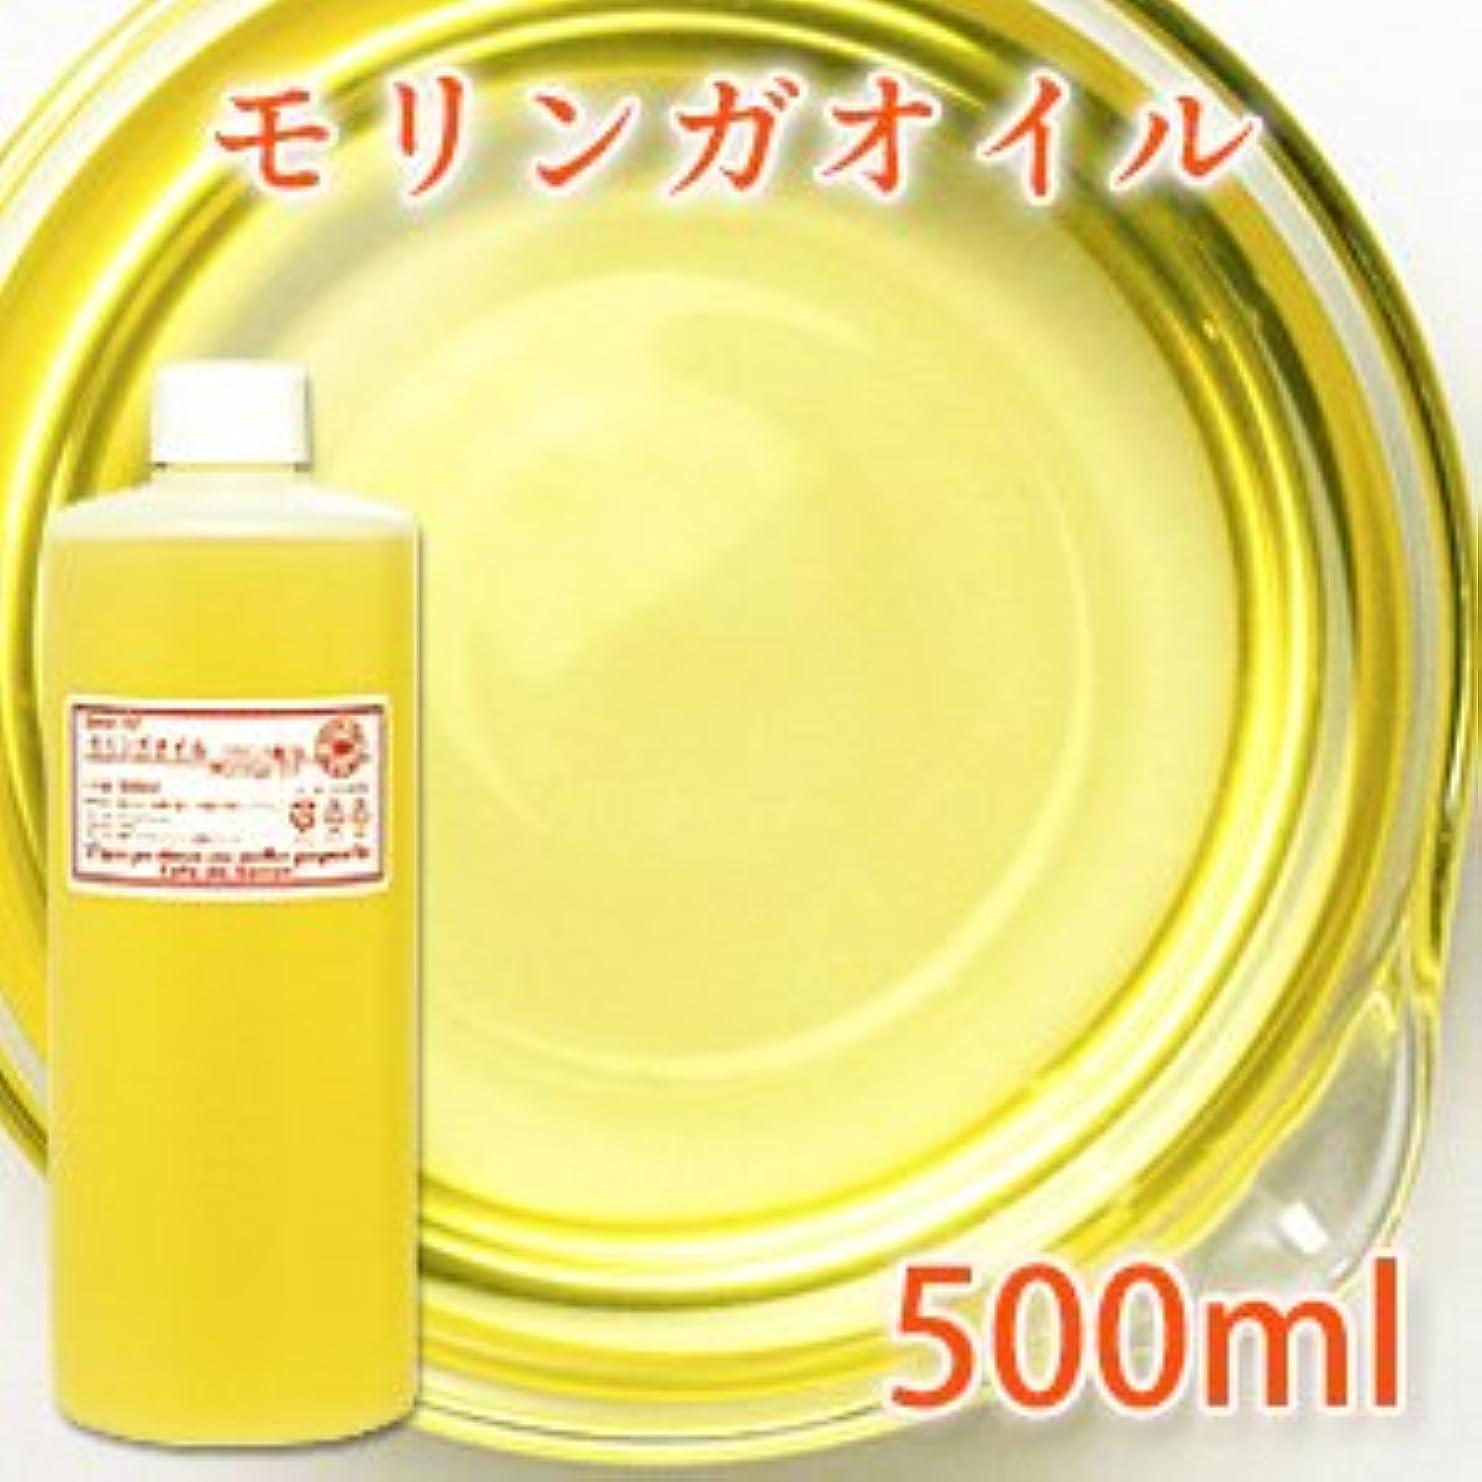 本質的ではない要件ラベモリンガオイル 500ml 【手作り石鹸/手作りコスメ/美容オイル/キャリアオイル】